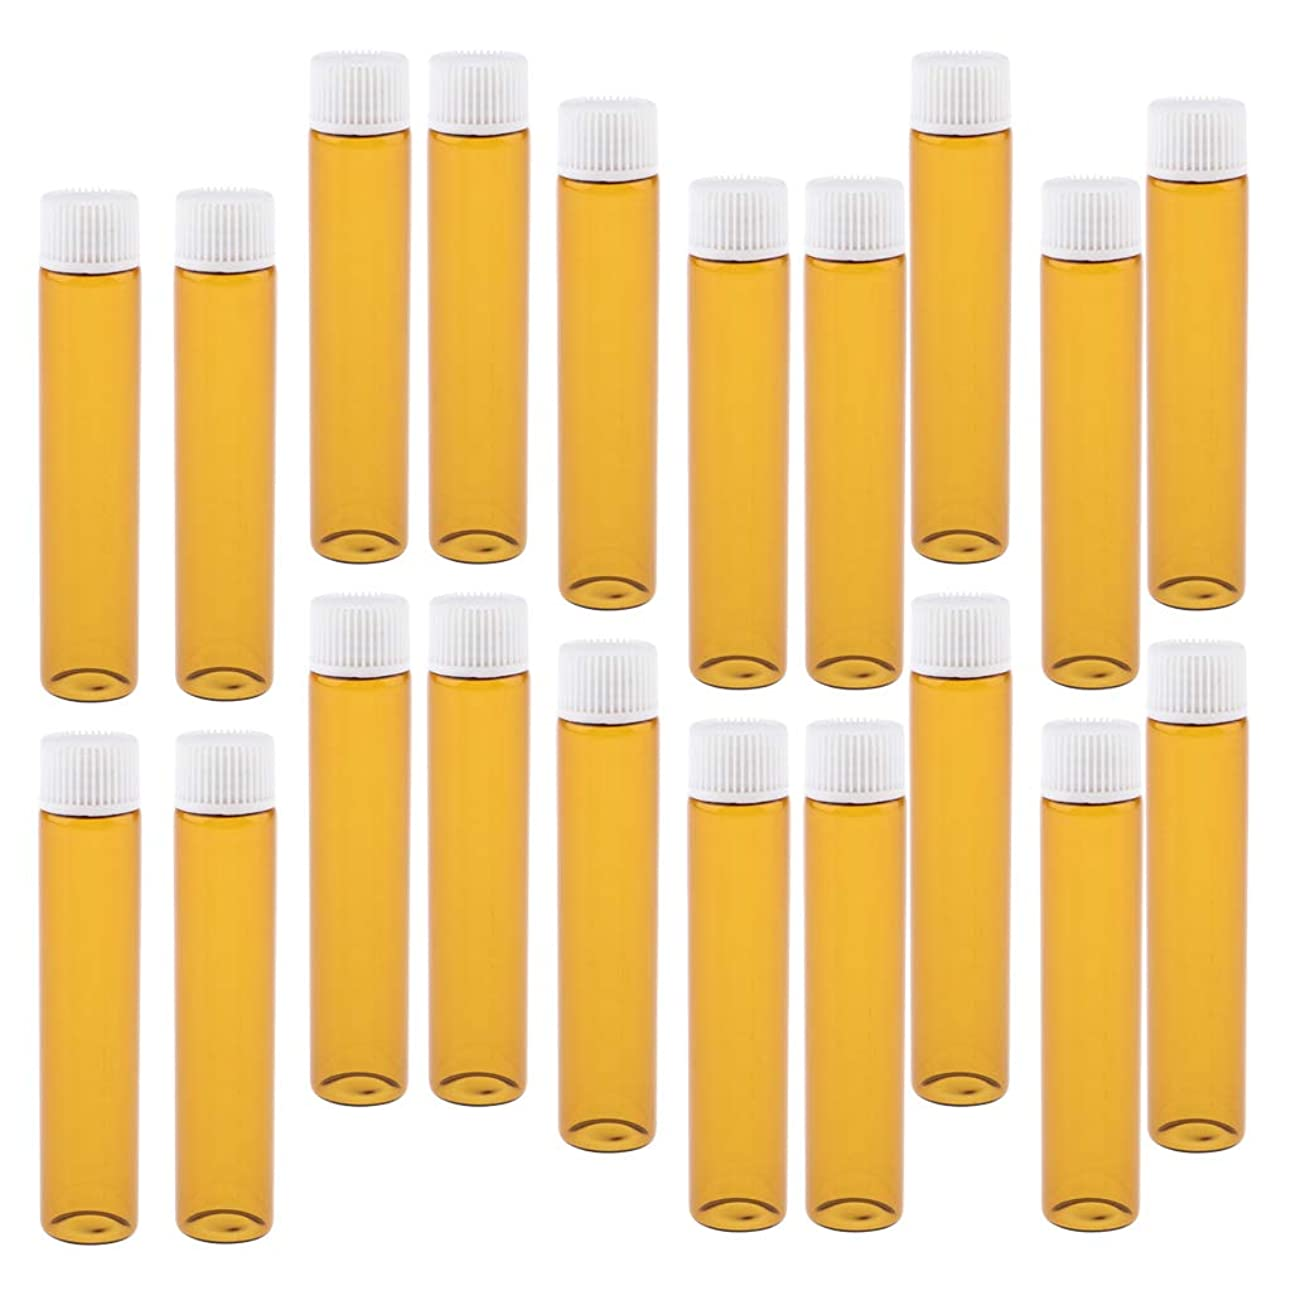 農場宇宙飛行士ラップSharplace 詰替え容器 香水ボトル ガラスボトル 小分け容器 小分けボトル ガラス製 20個 全4色 - ホワイト